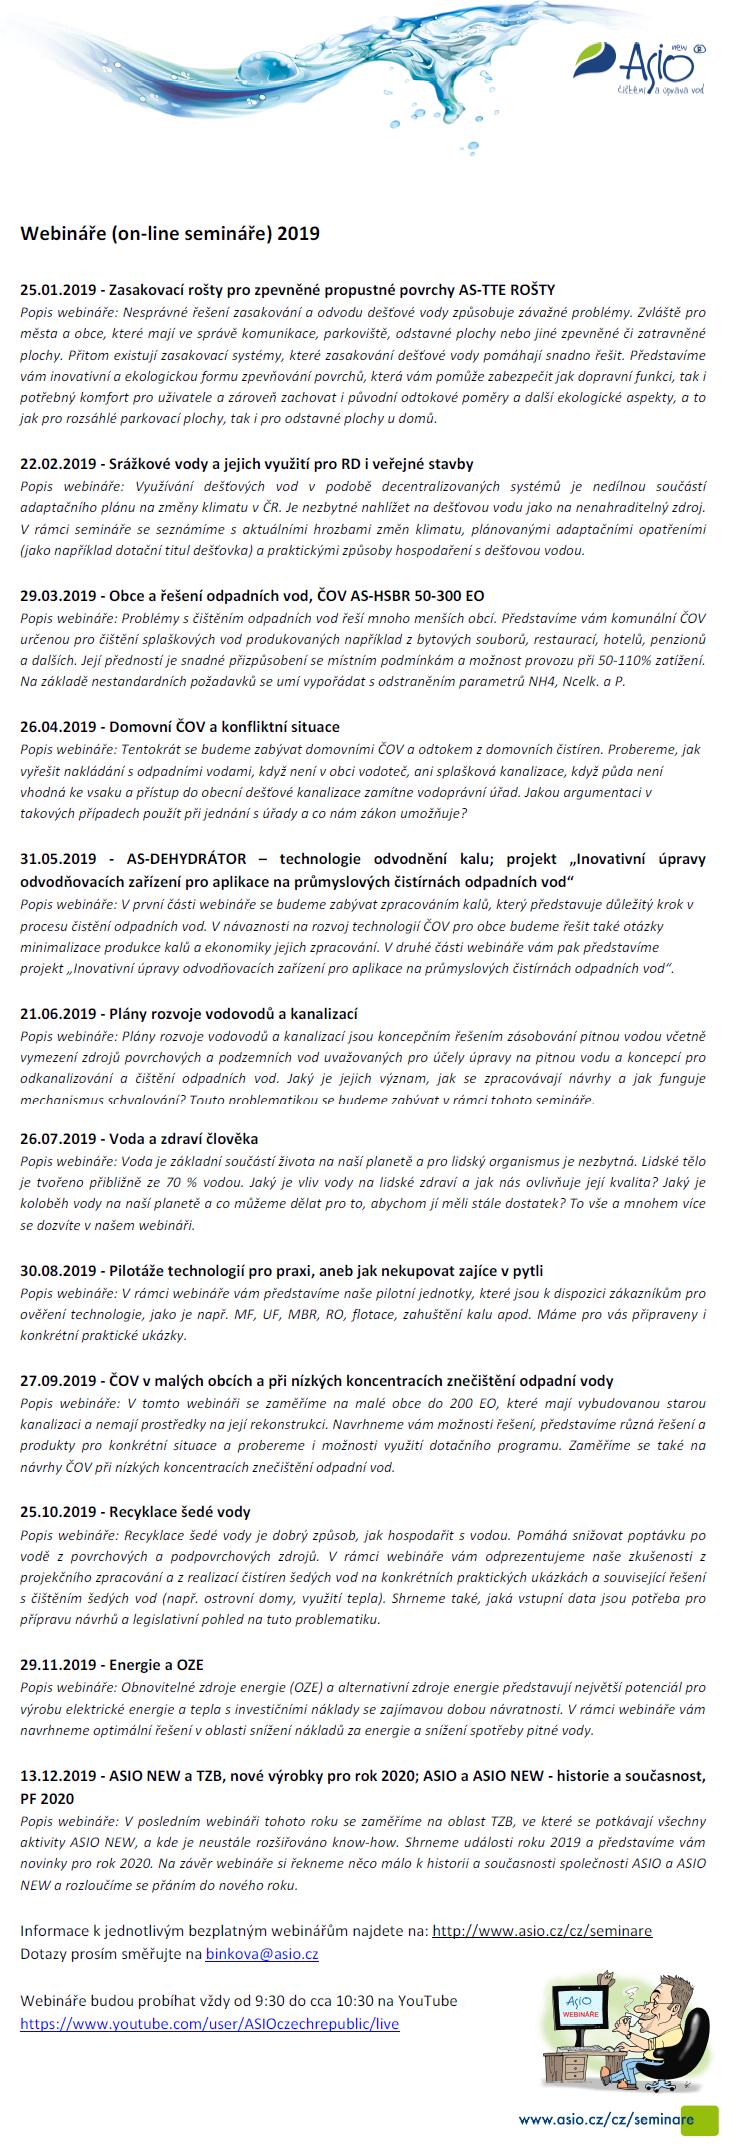 Webináře ASIO - 2019